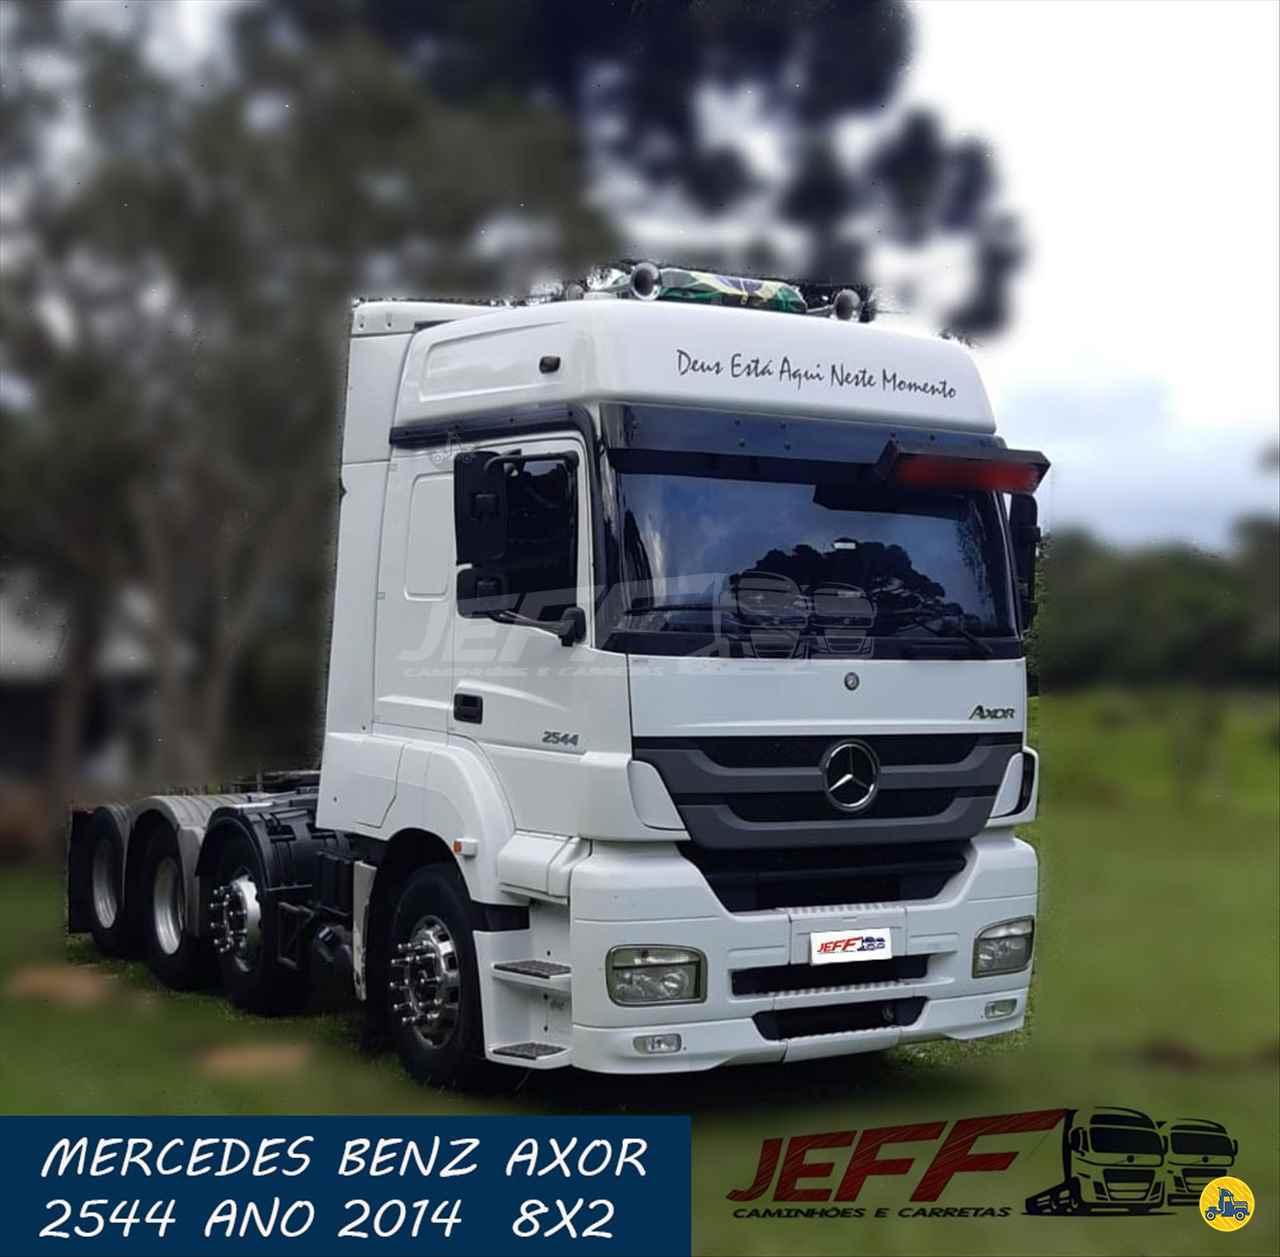 CAMINHAO MERCEDES-BENZ MB 2544 Chassis BiTruck 8x2 JEFF Seminovos - Caminhões e Carretas MANDIRITUBA PARANÁ PR